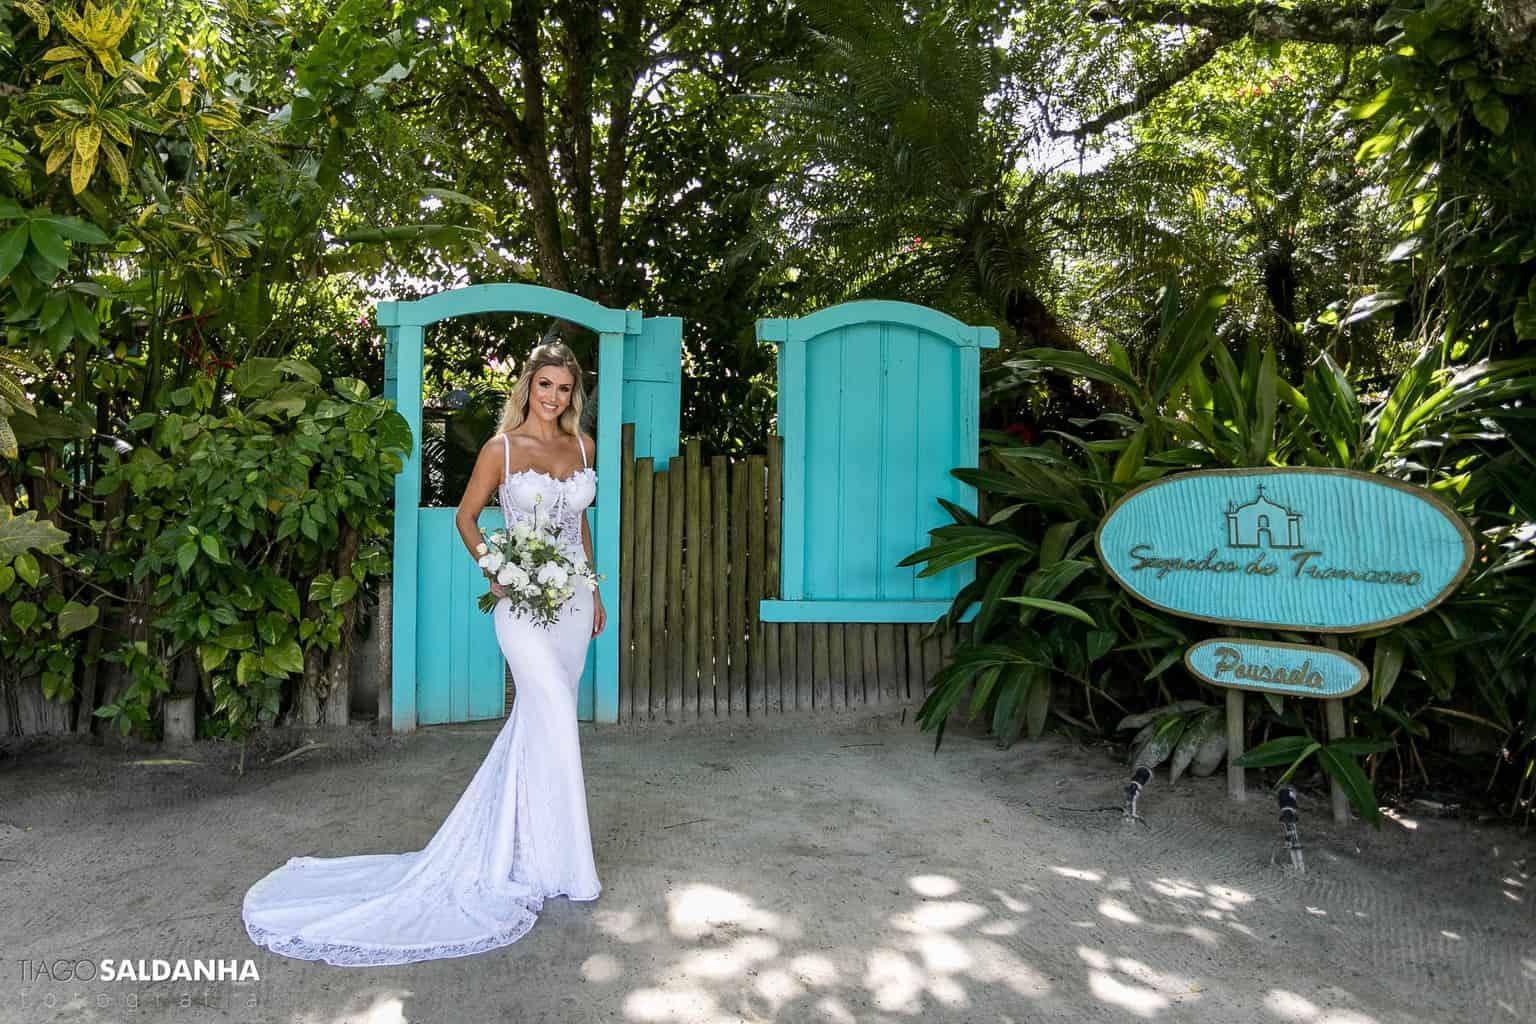 Casamento-Chandrélin-e-Laureano-cerimonia-na-igreja-Chan-e-Lau-Igreja-do-Quadrado-Iva-Regina-Ateliê-Trancoso-vestido-de-noiva8